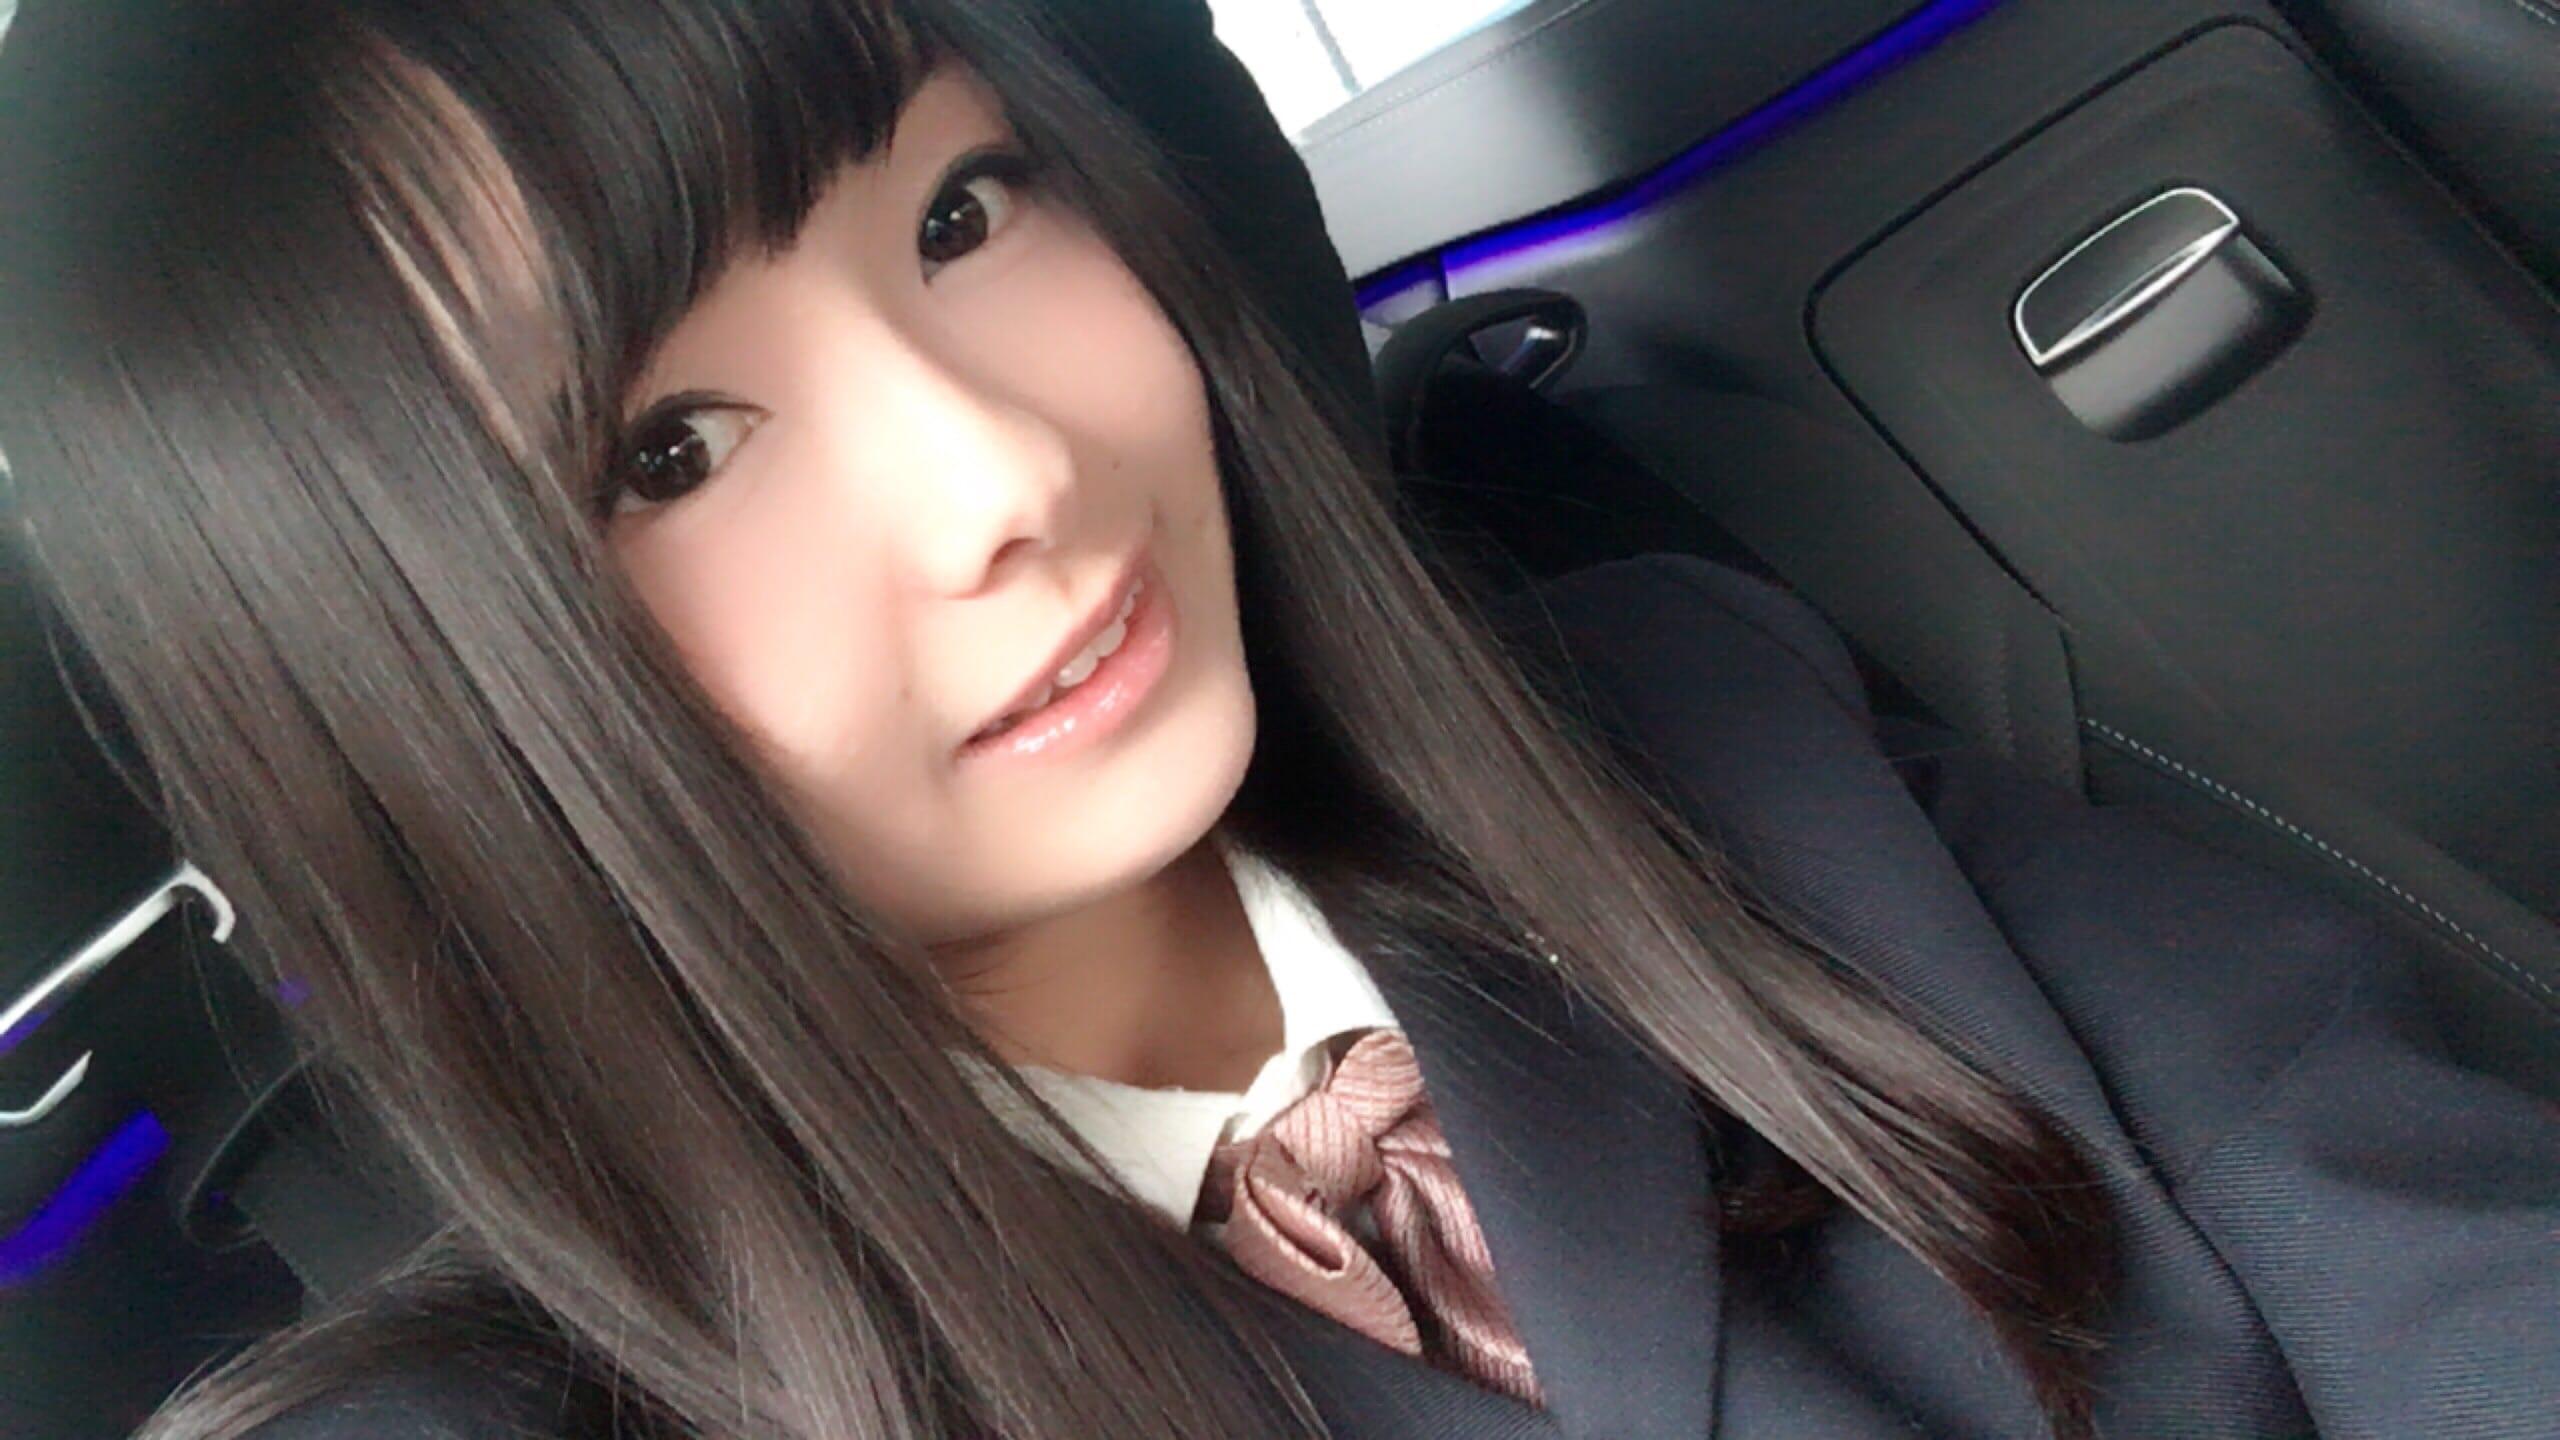 「メイク❤︎」03/20(03/20) 11:30   あやめの写メ・風俗動画